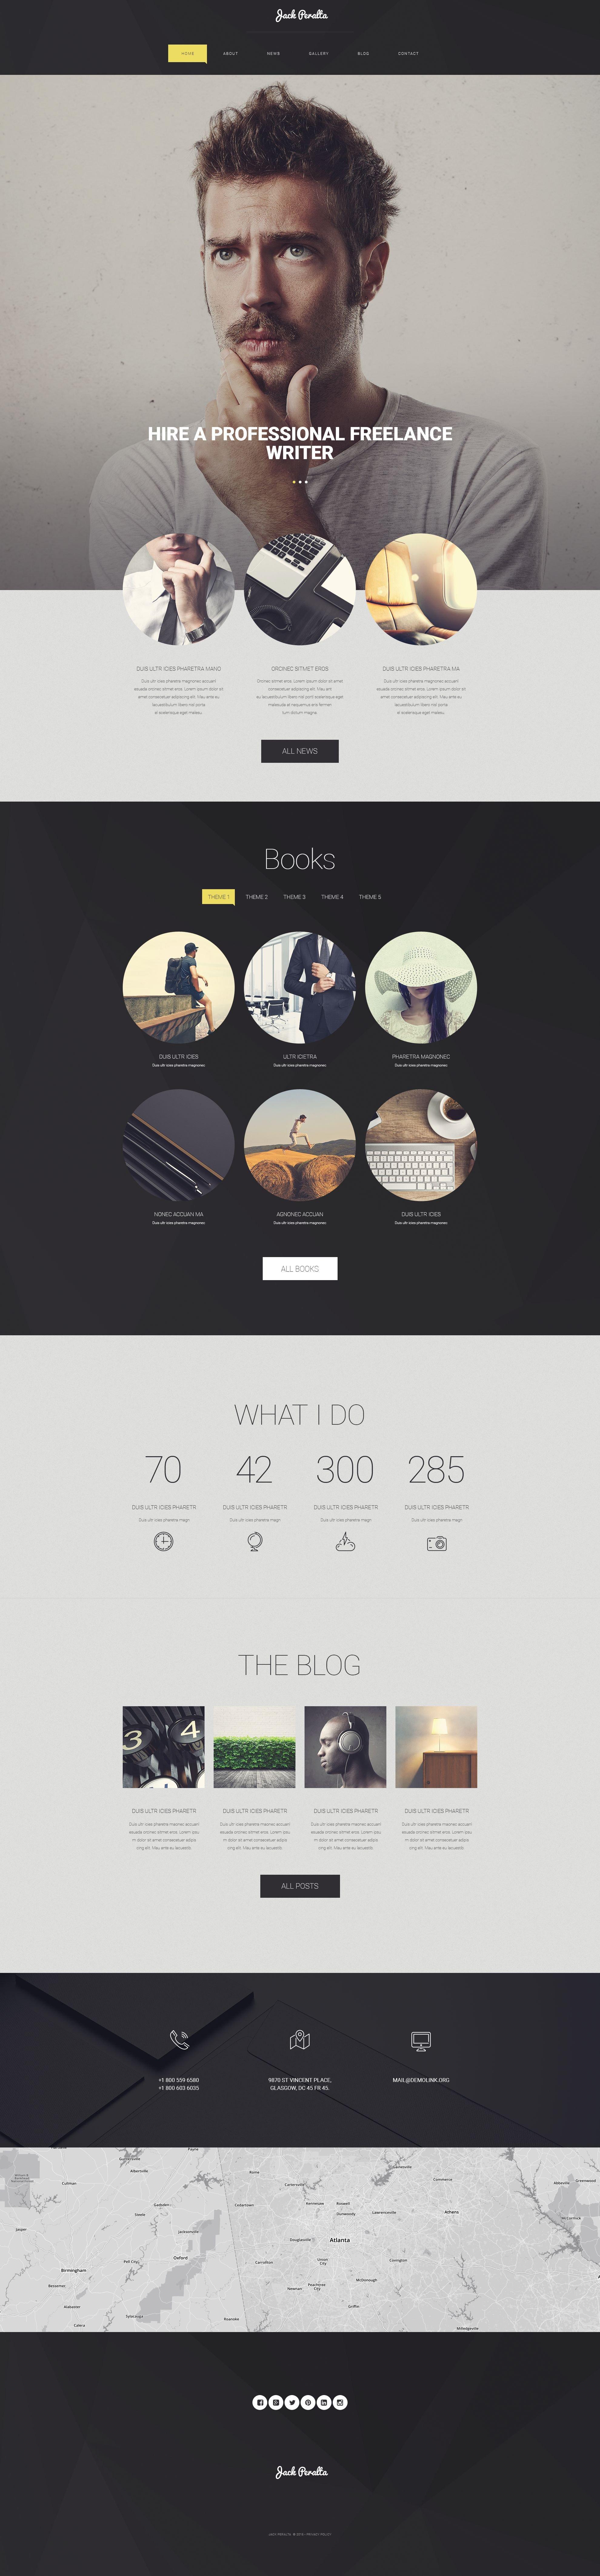 """Responzivní WordPress motiv """"Freelancer spisovatel"""" #54585 - screenshot"""